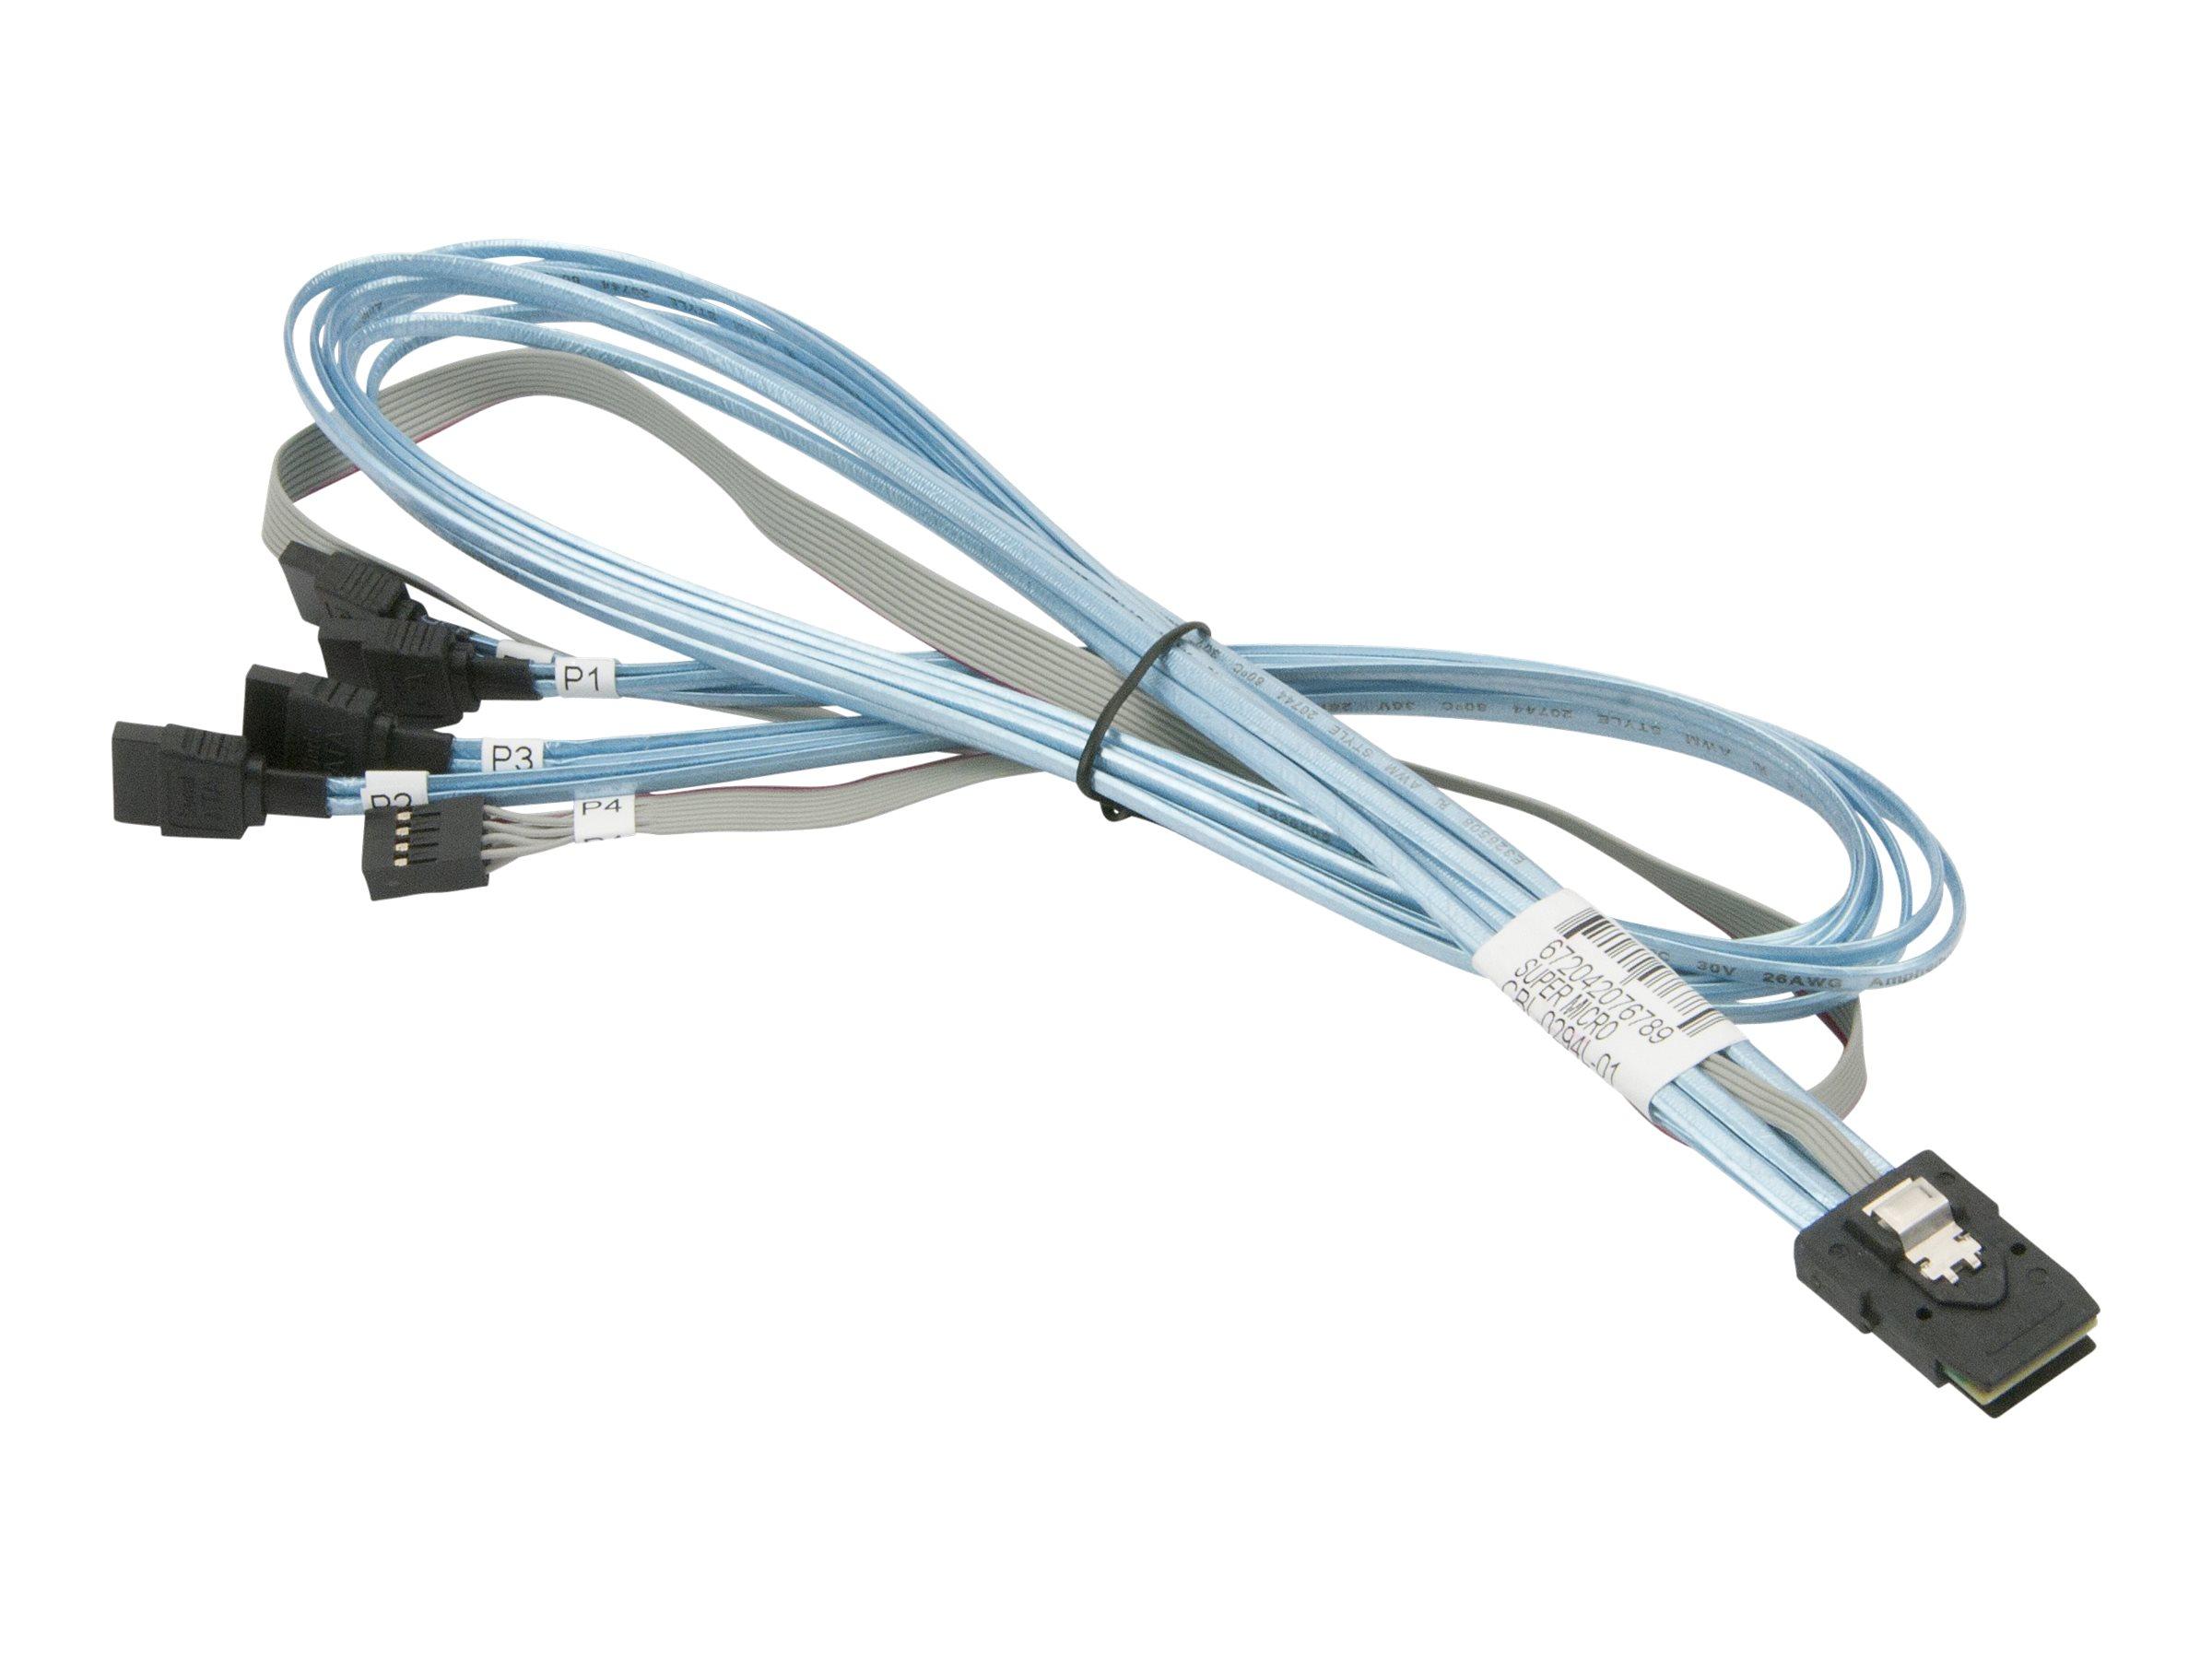 Supermicro - SATA- / SAS-Kabel - mit Sidebands - Überkreuzung - 36 PIN 4iMini MultiLane (M) bis SATA (W) - 70 cm